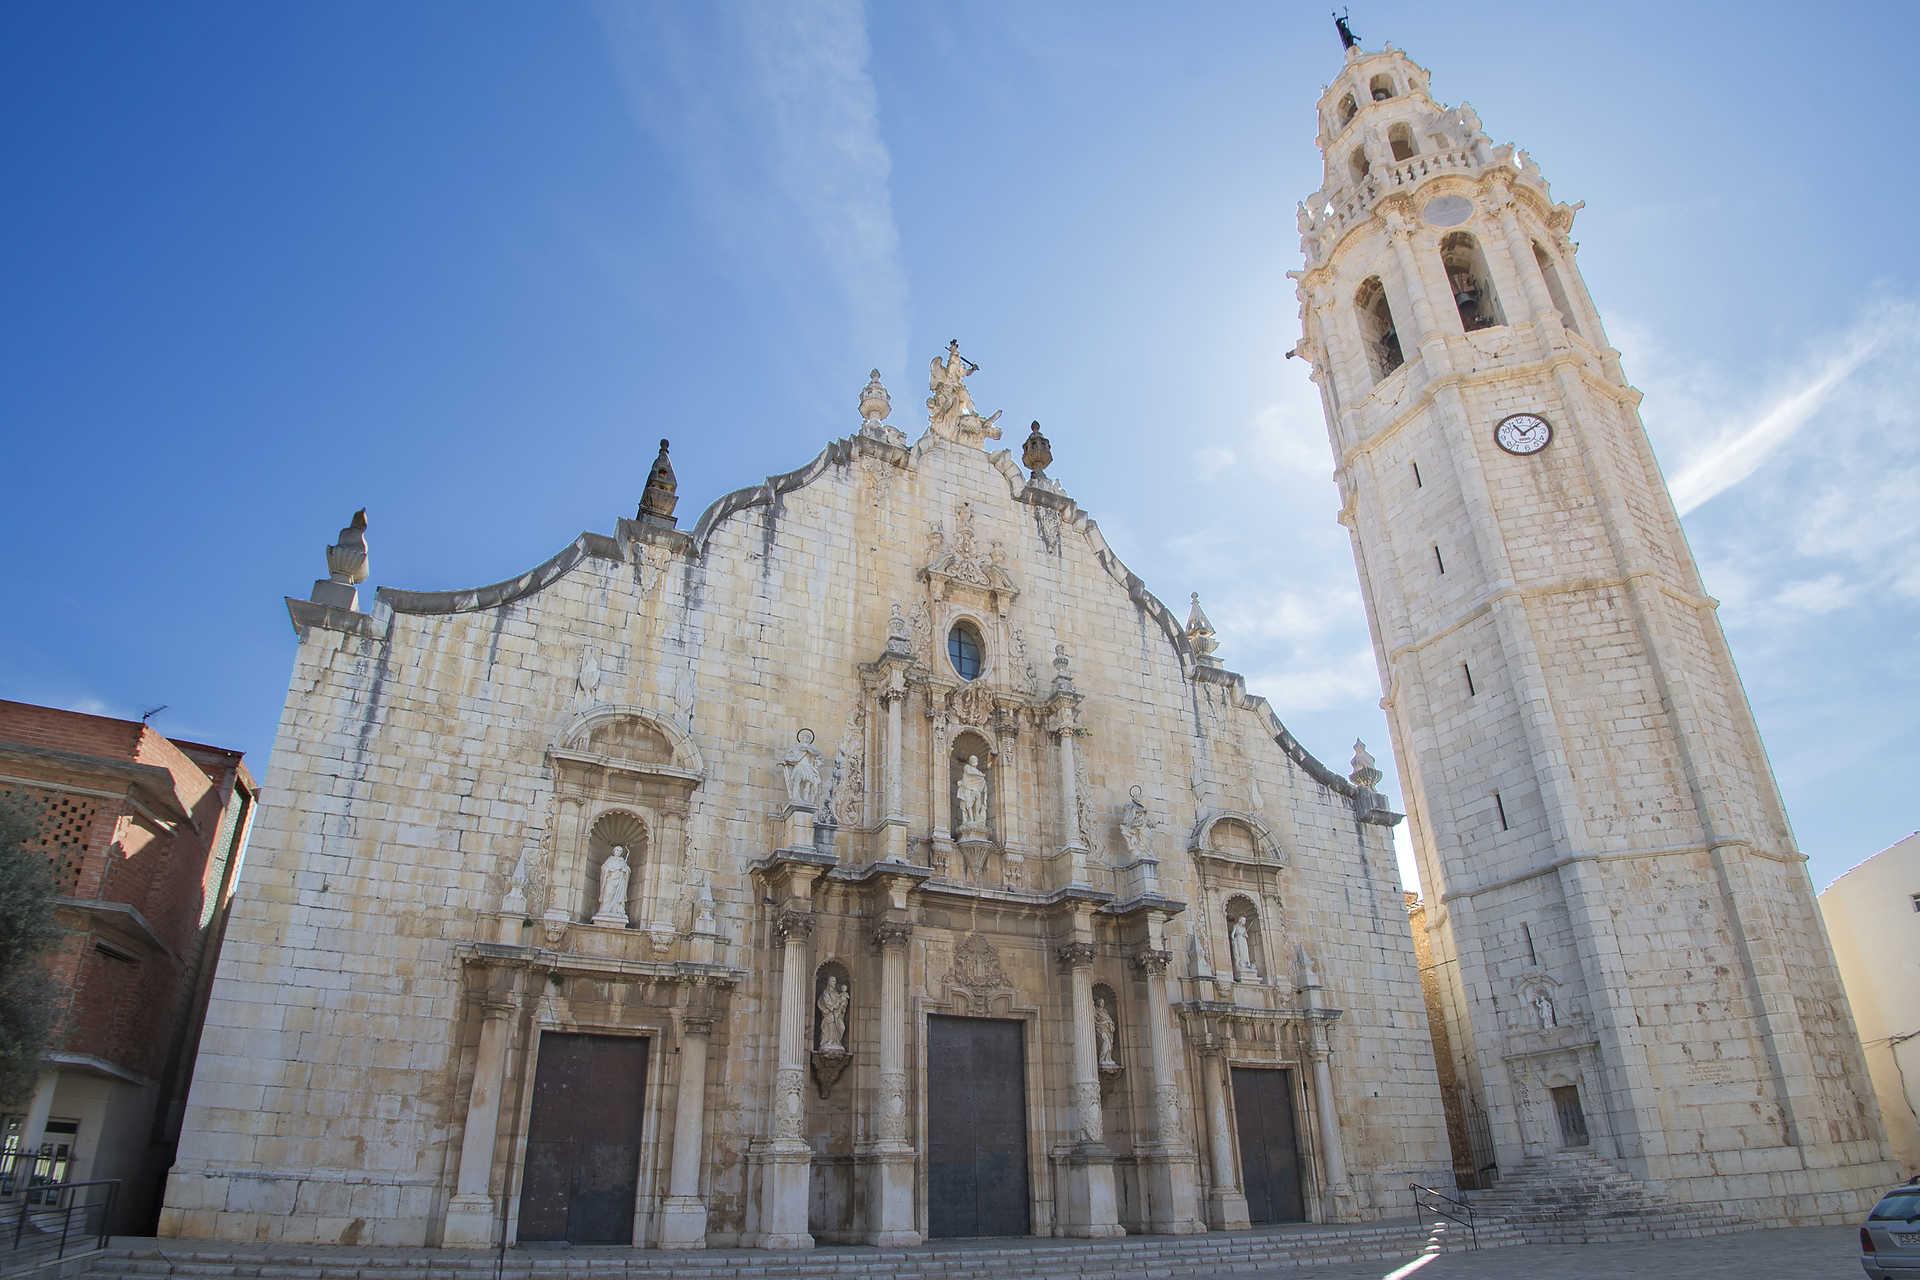 https://multimedia.comunitatvalenciana.com/C4D3A8A888EE4A39B1EAFD6ABF2F8202/img/4E1BD9129B4447FFAA9186CD585C7153/Iglesia_San_Juan_Bautista001_0060.jpg?responsive